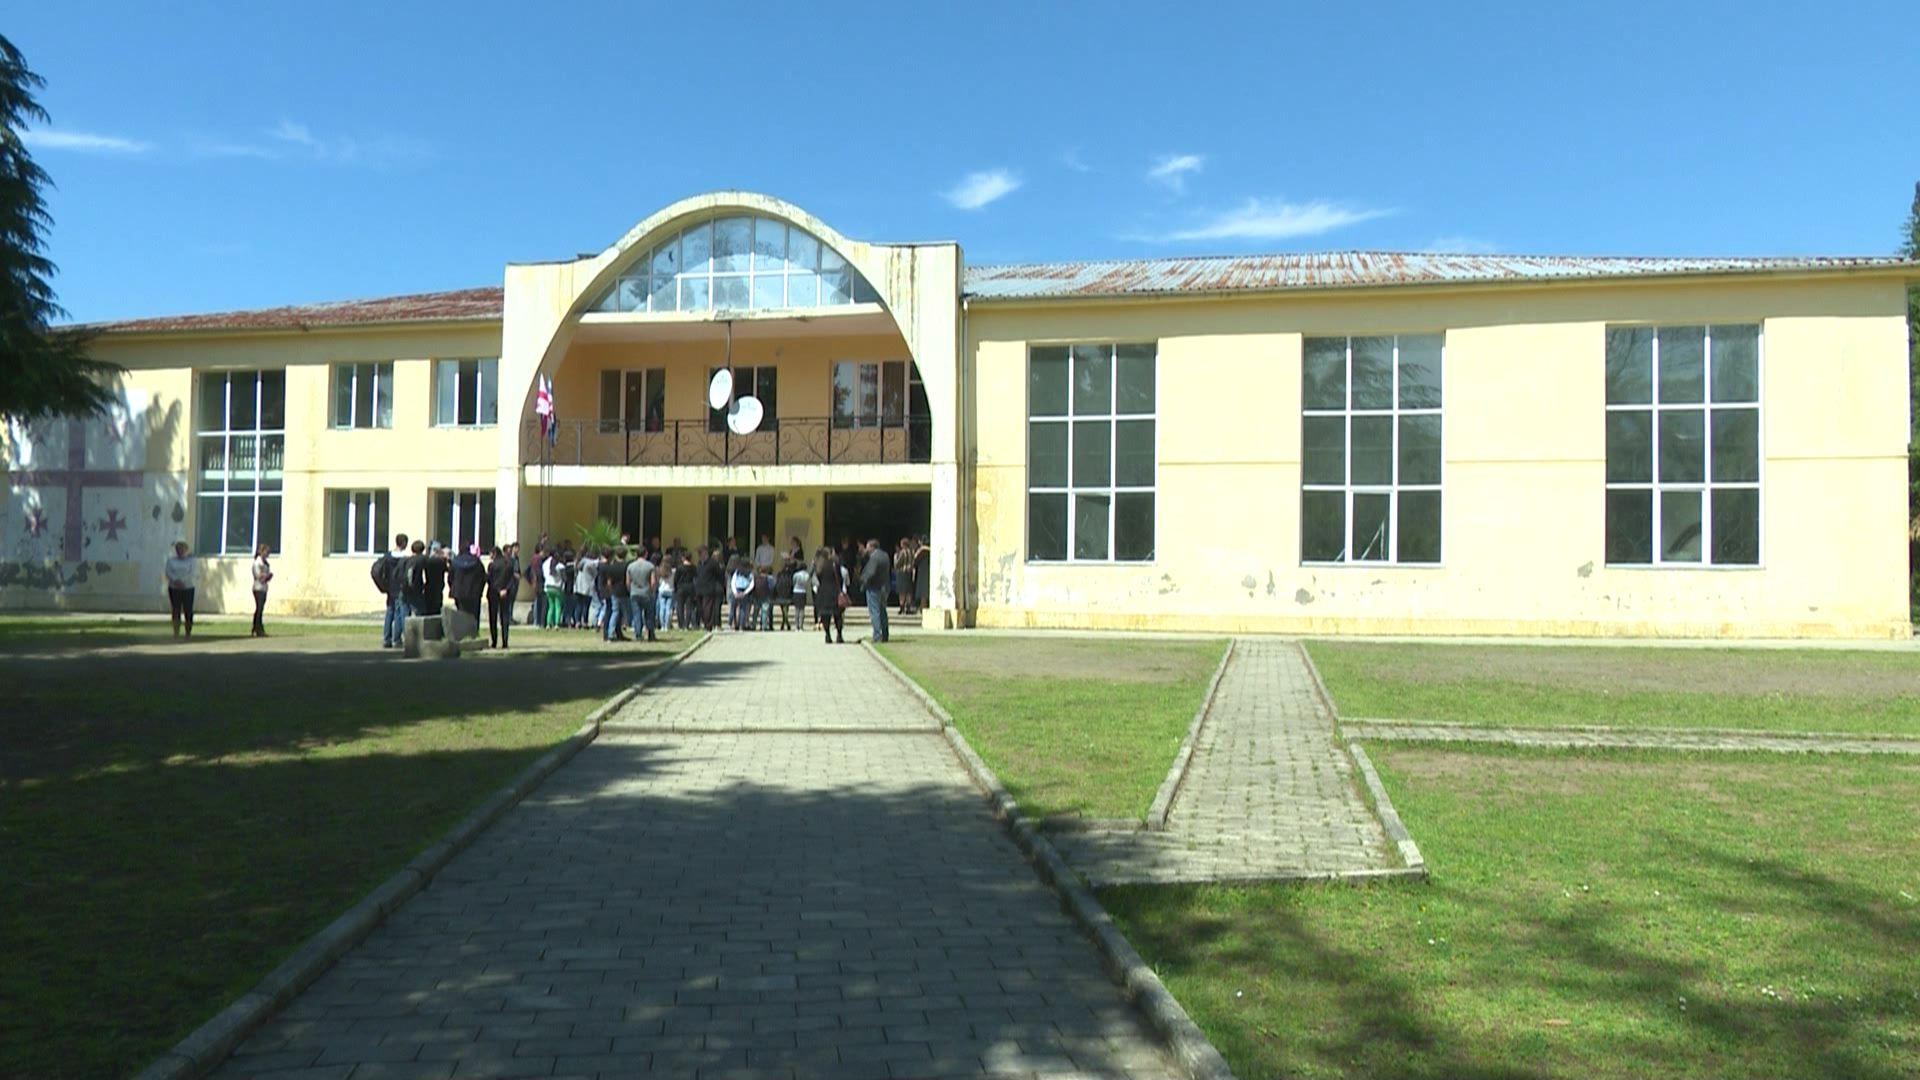 წყავროკის საჯარო სკოლას ჯემალ ნოღაიდელის წოდება აღუდგა